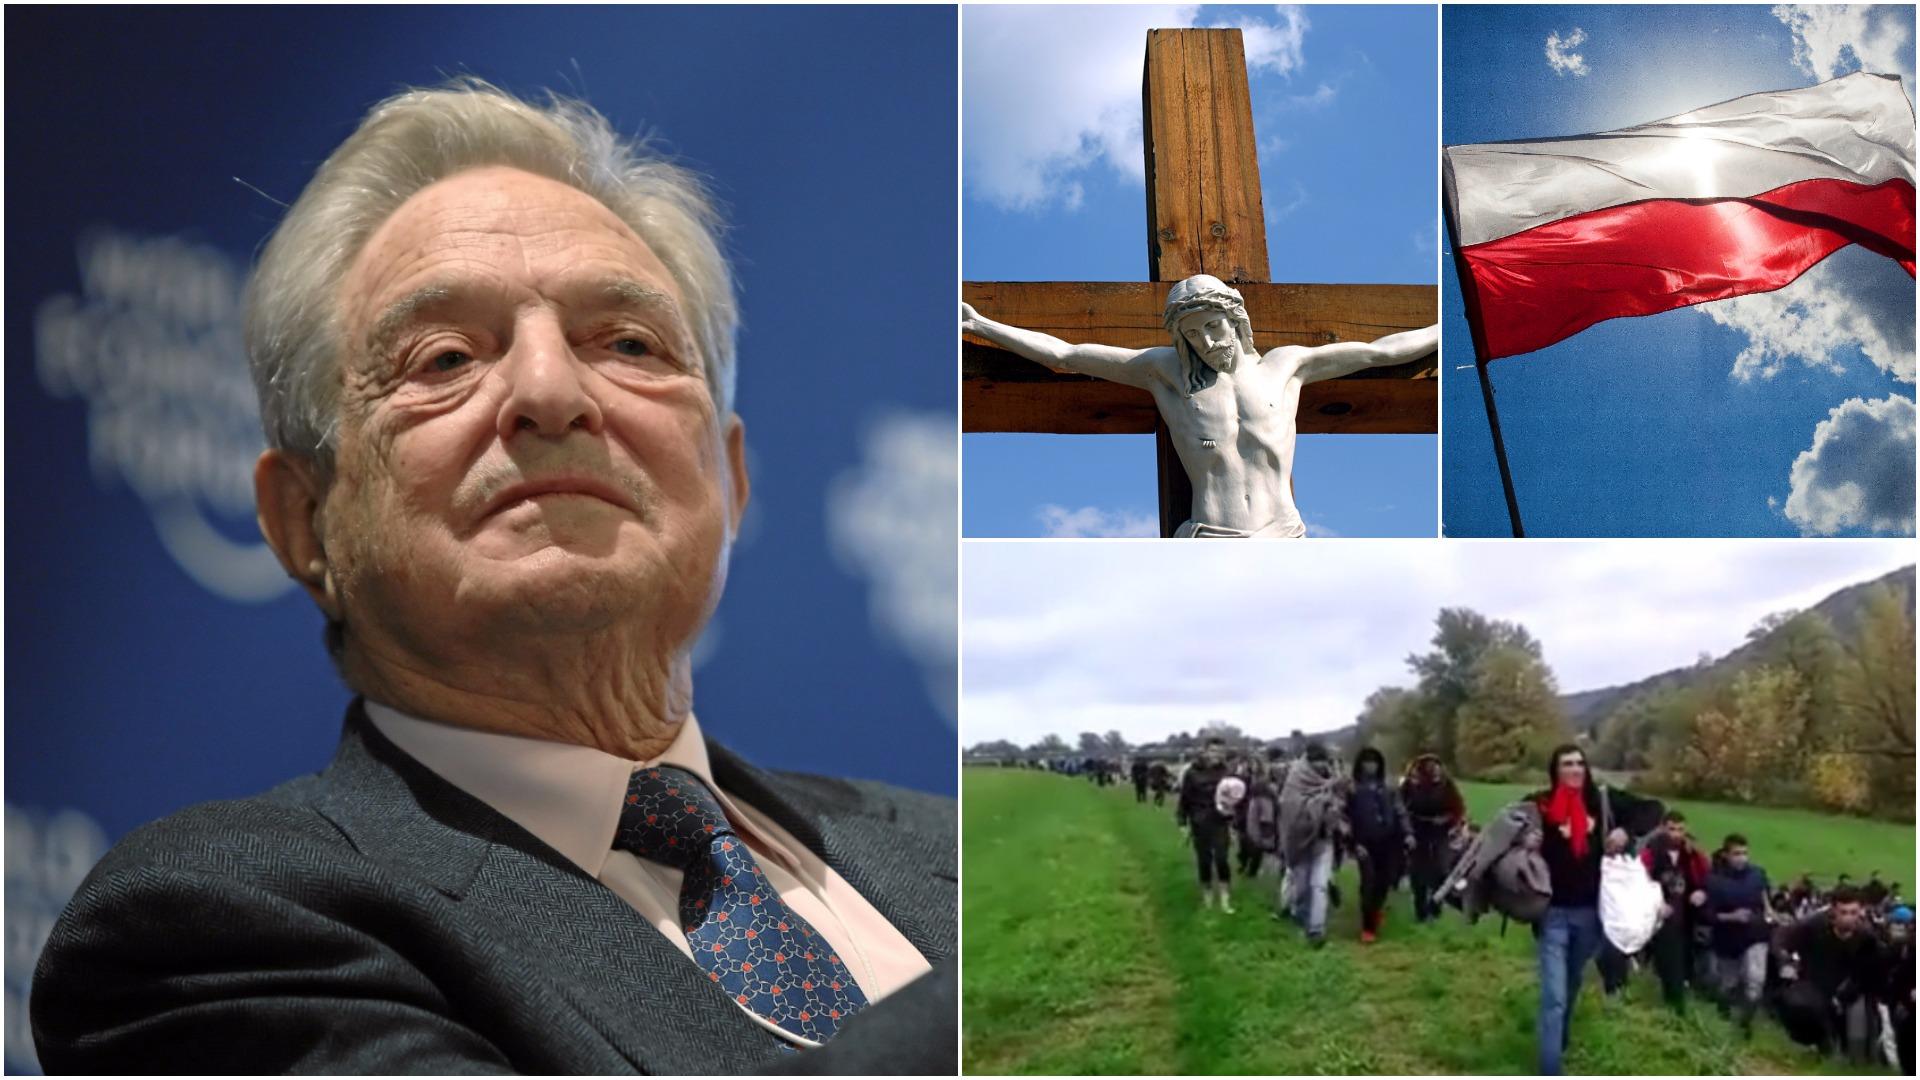 Soros: Muzułmański imigrant to w katolickiej Polsce utożsamienie zła